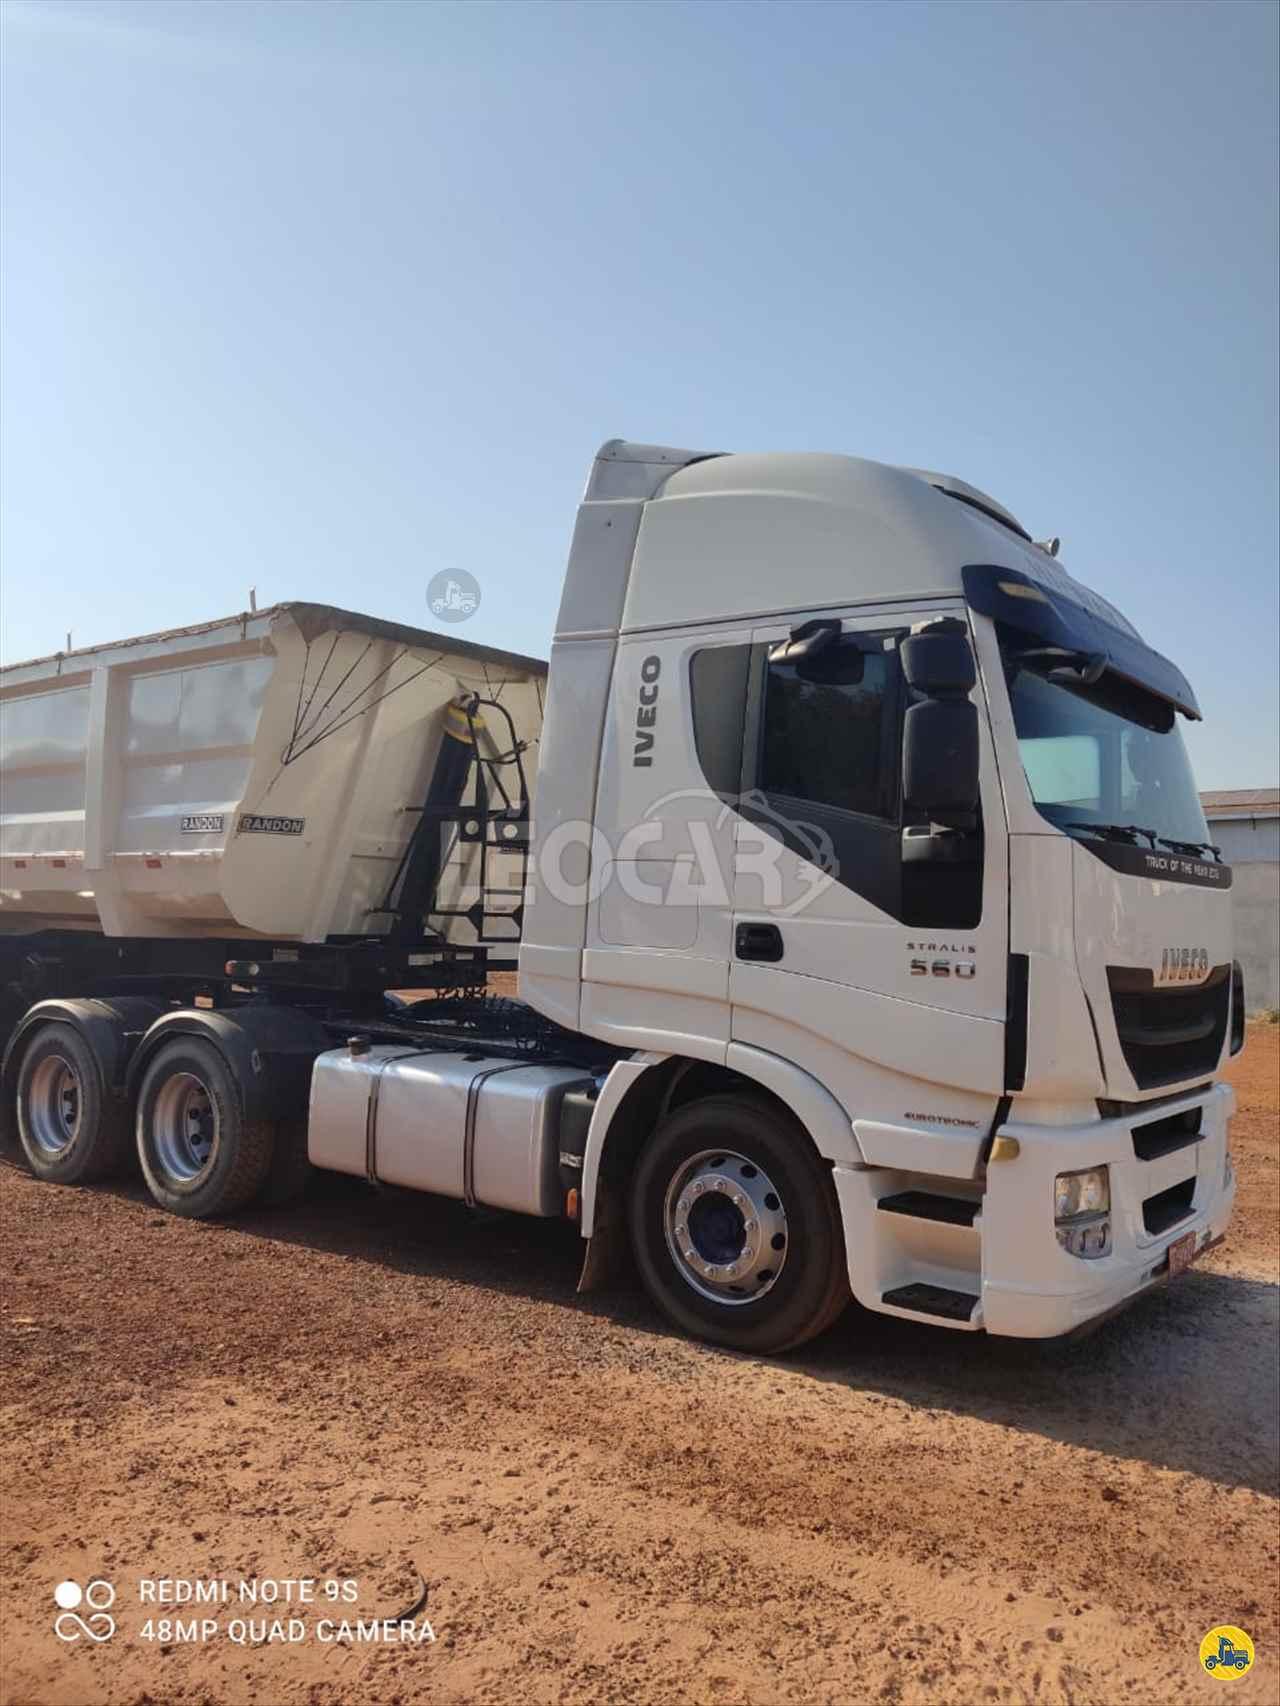 CAMINHAO IVECO STRALIS 480 Caçamba Basculante Traçado 6x4 Leocar Caminhões PRIMAVERA DO LESTE MATO GROSSO MT